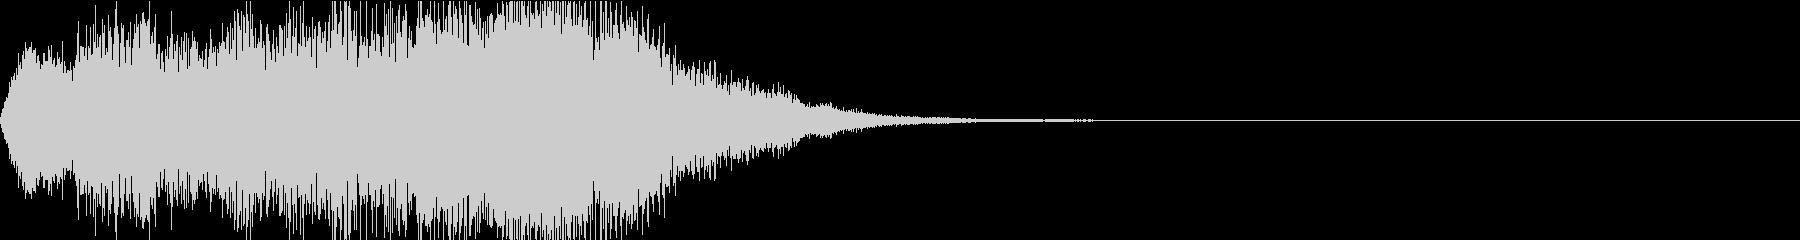 管弦楽の浮遊感あるジングルの未再生の波形